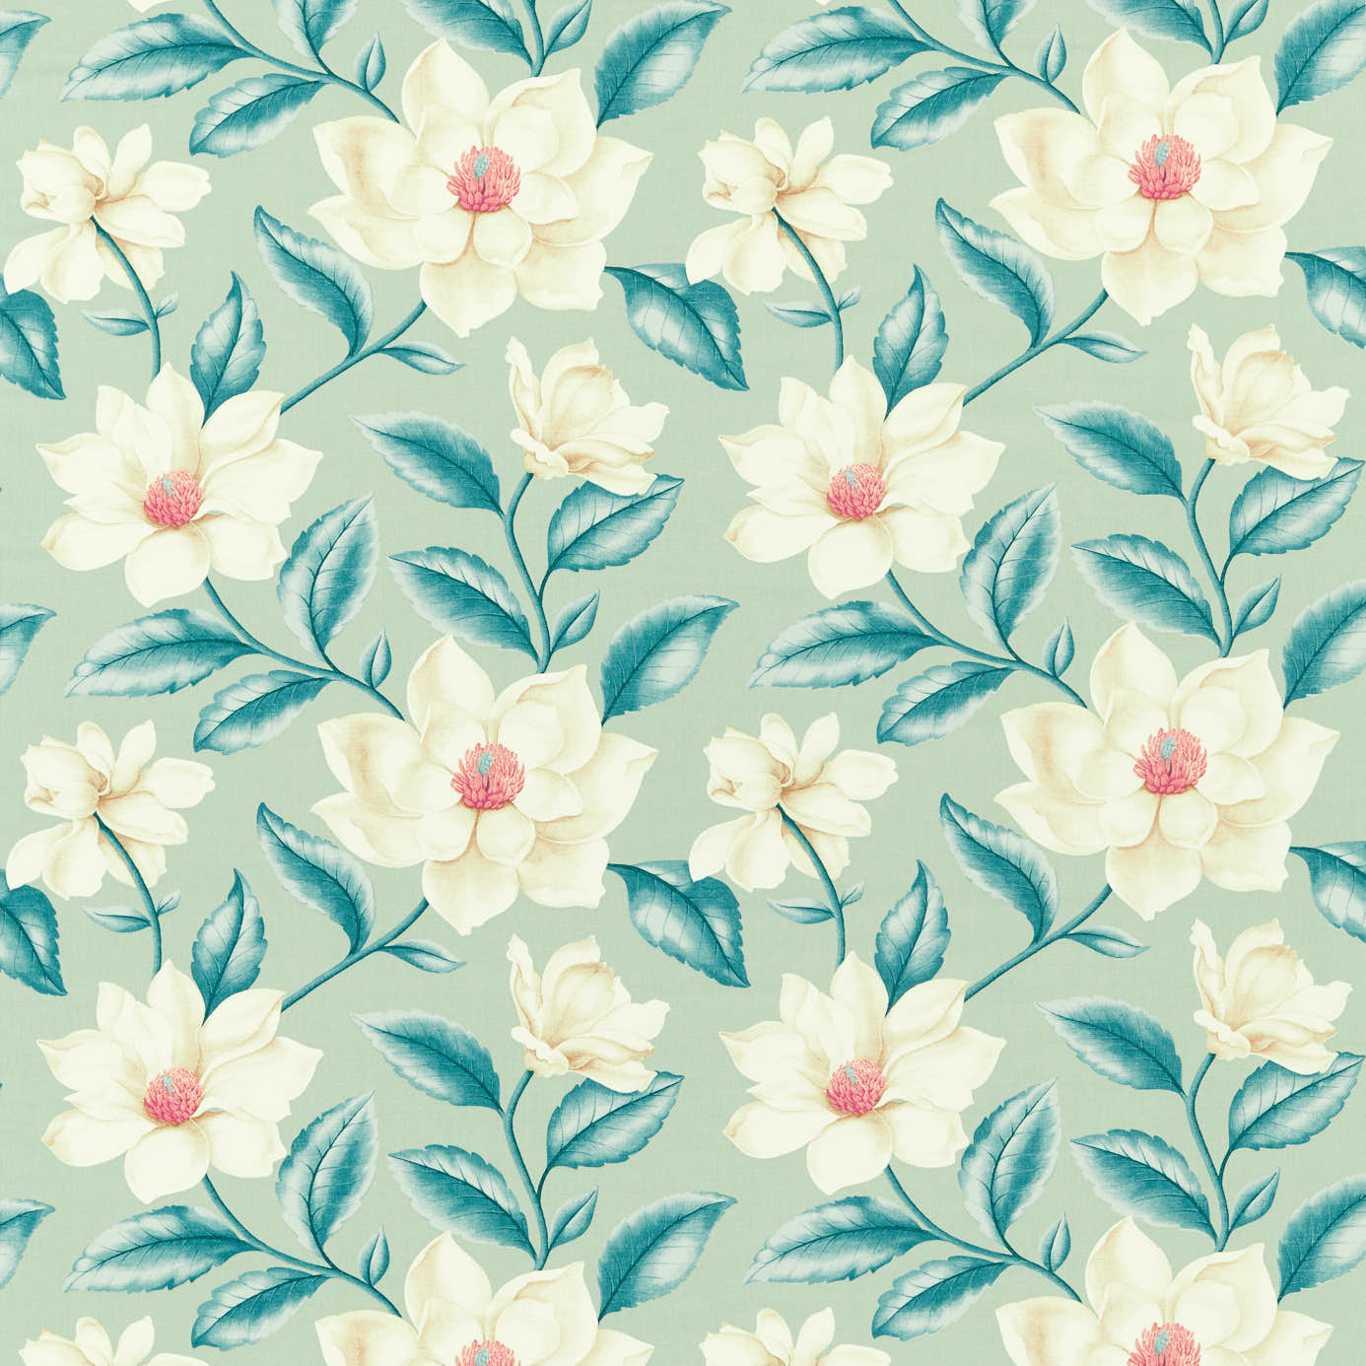 Grandiflora by SAN